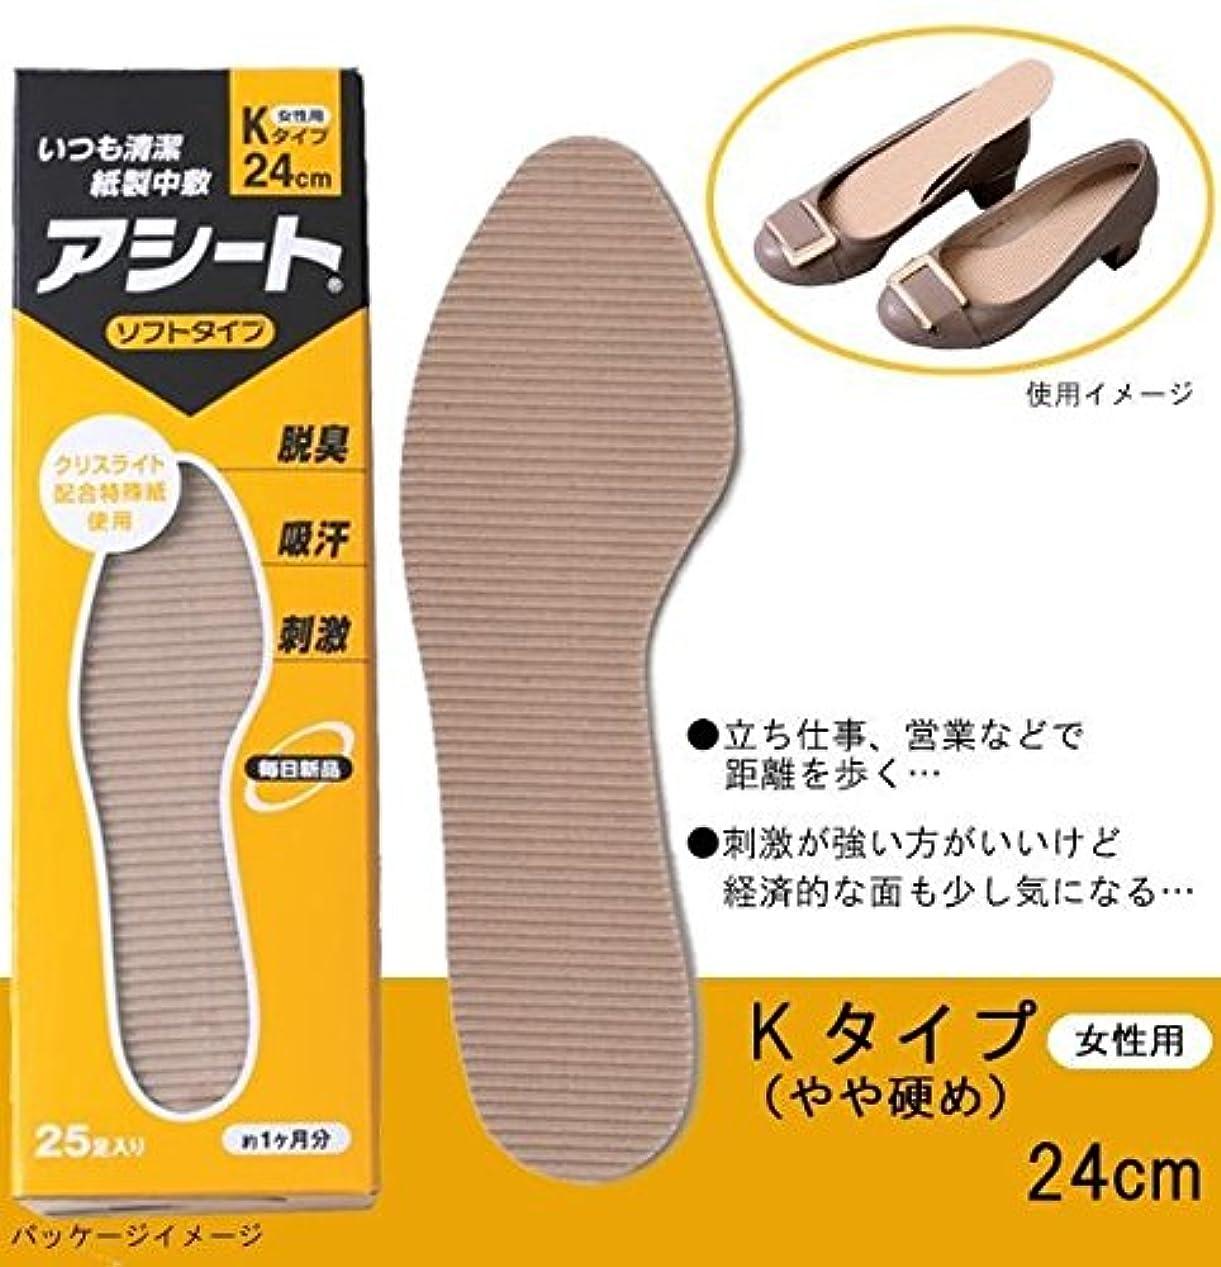 疑問に思う順応性のある飛び込む紙製中敷 アシートKタイプ 50足セット 24cm(女性用)